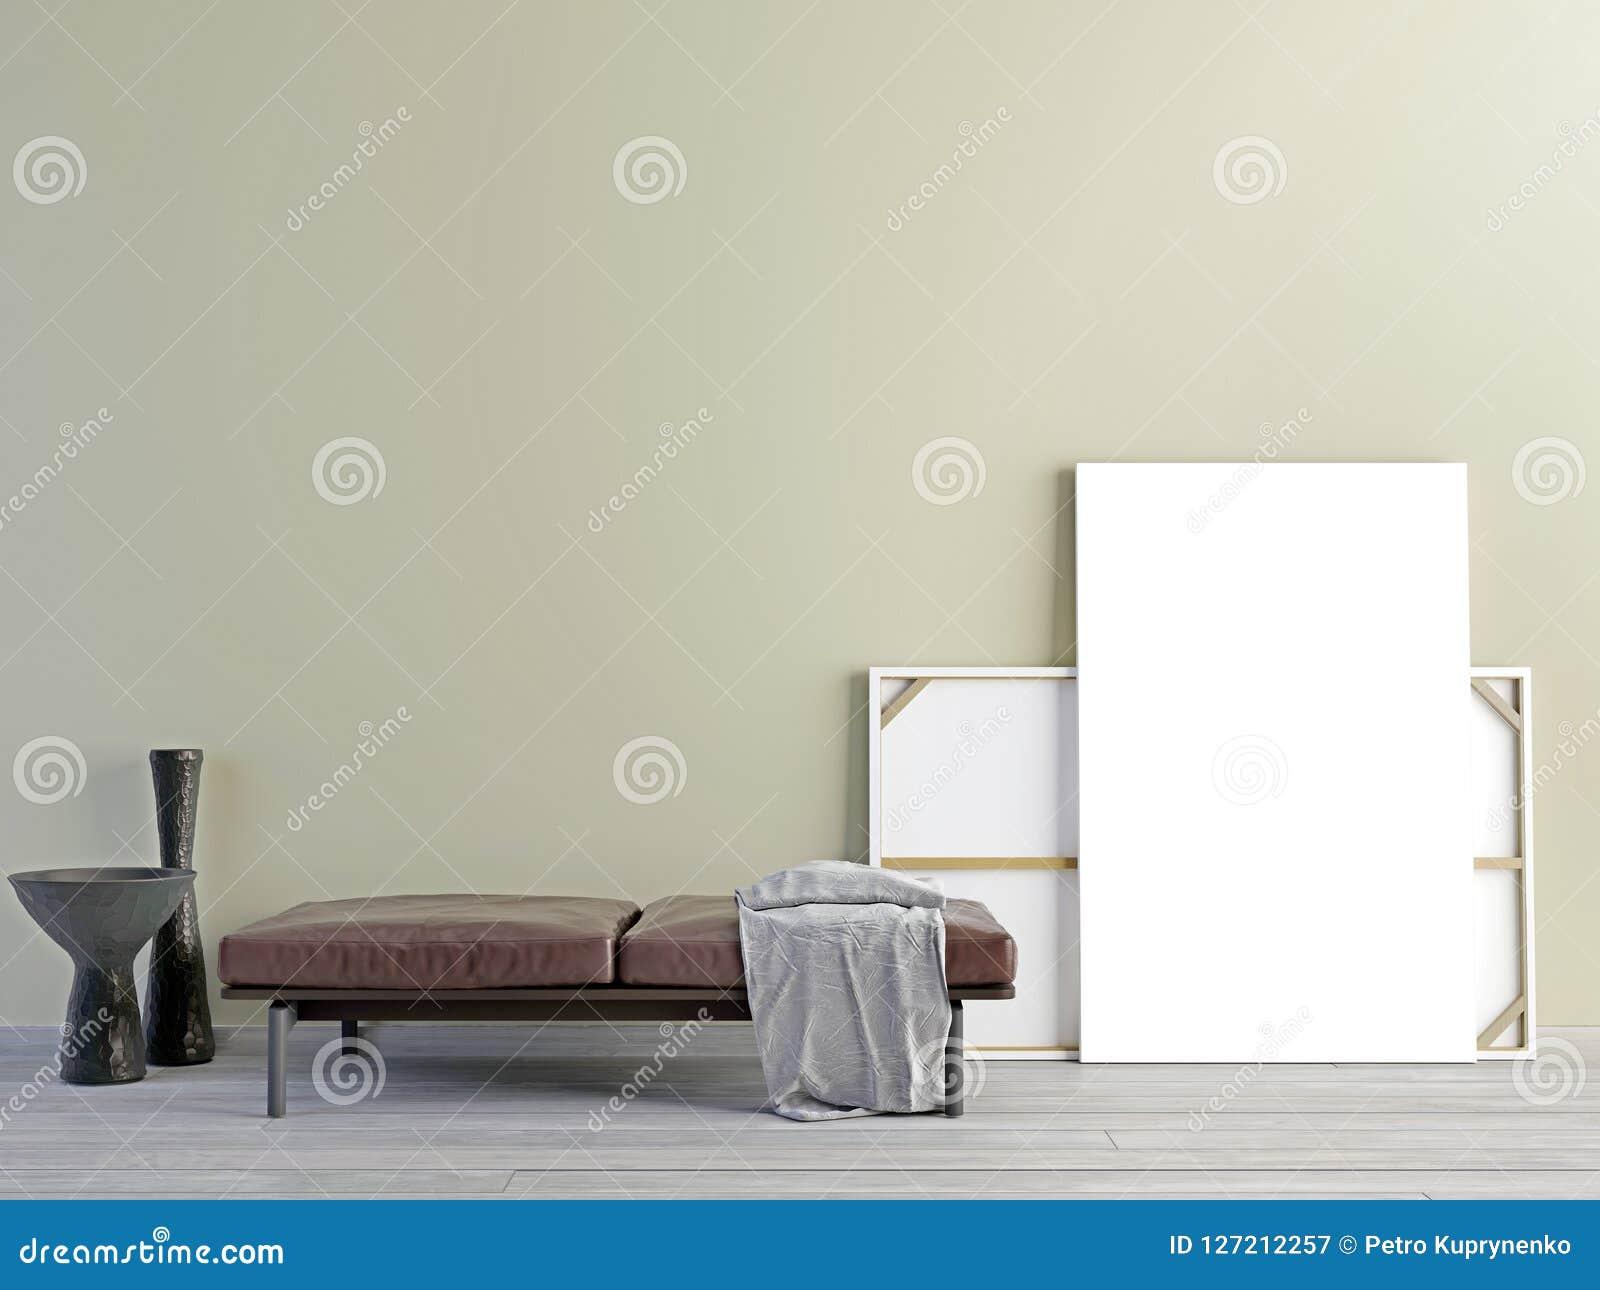 Mock Up Poster With Vintage Pastel Hipster Minimalism Loft Inter ...